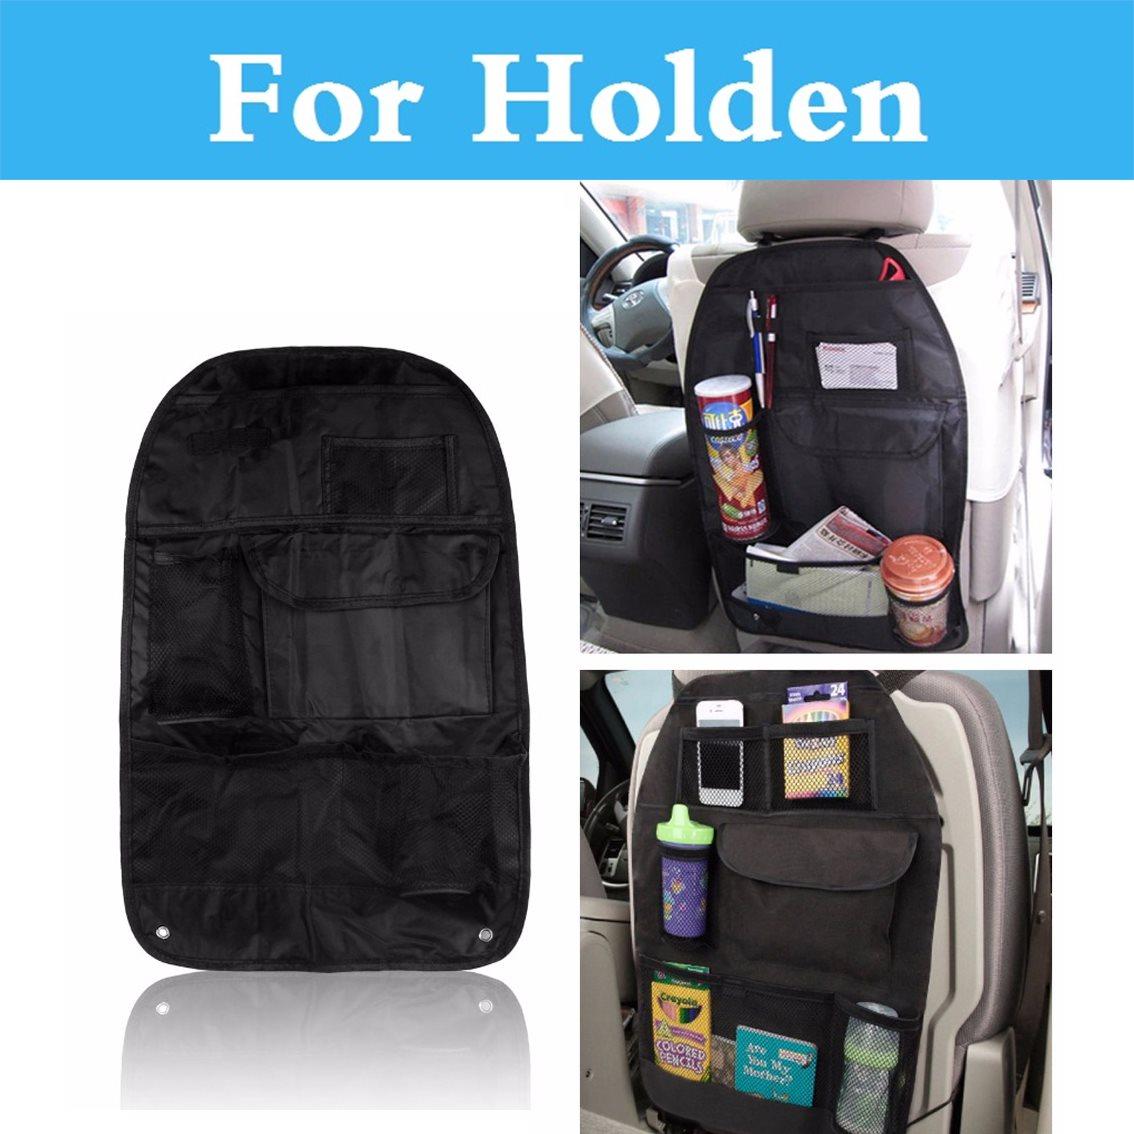 Автокресло хранения висит сумка Многофункциональный автомобиль коробка для хранения для Holden Commodore Cruze Monaro Государственный barina Кале Caprice